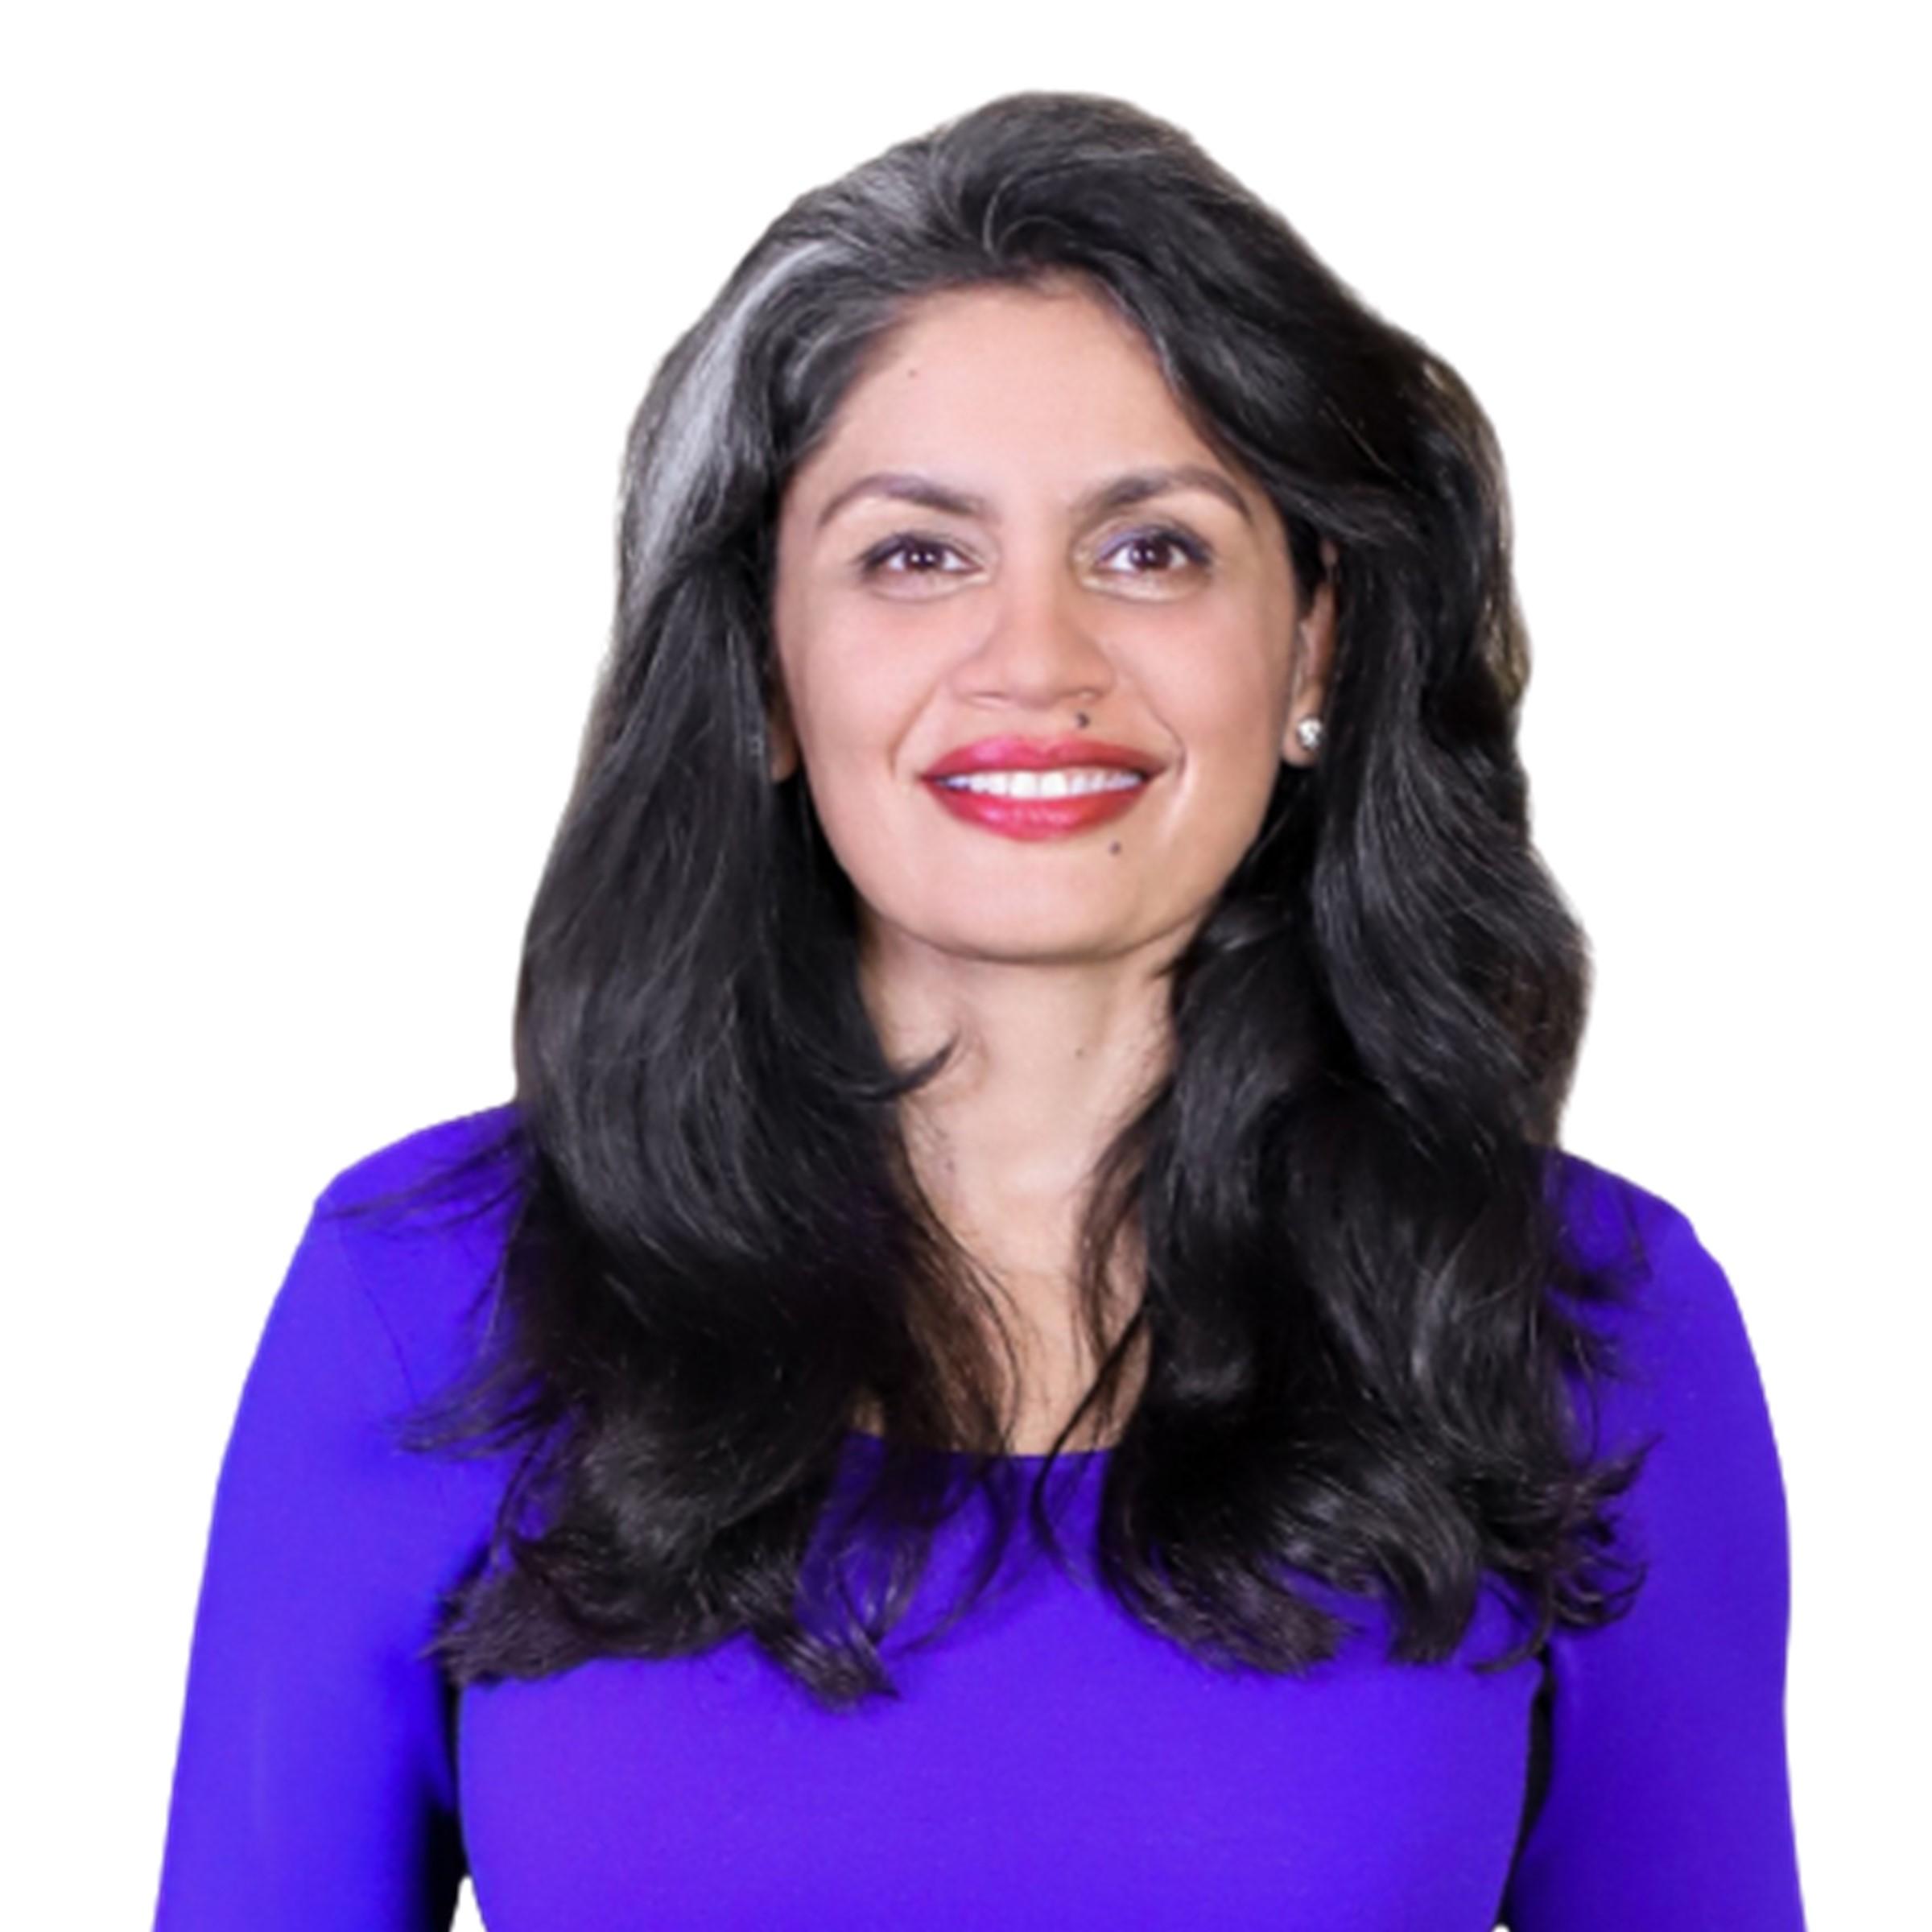 Shaillee J. Chopra